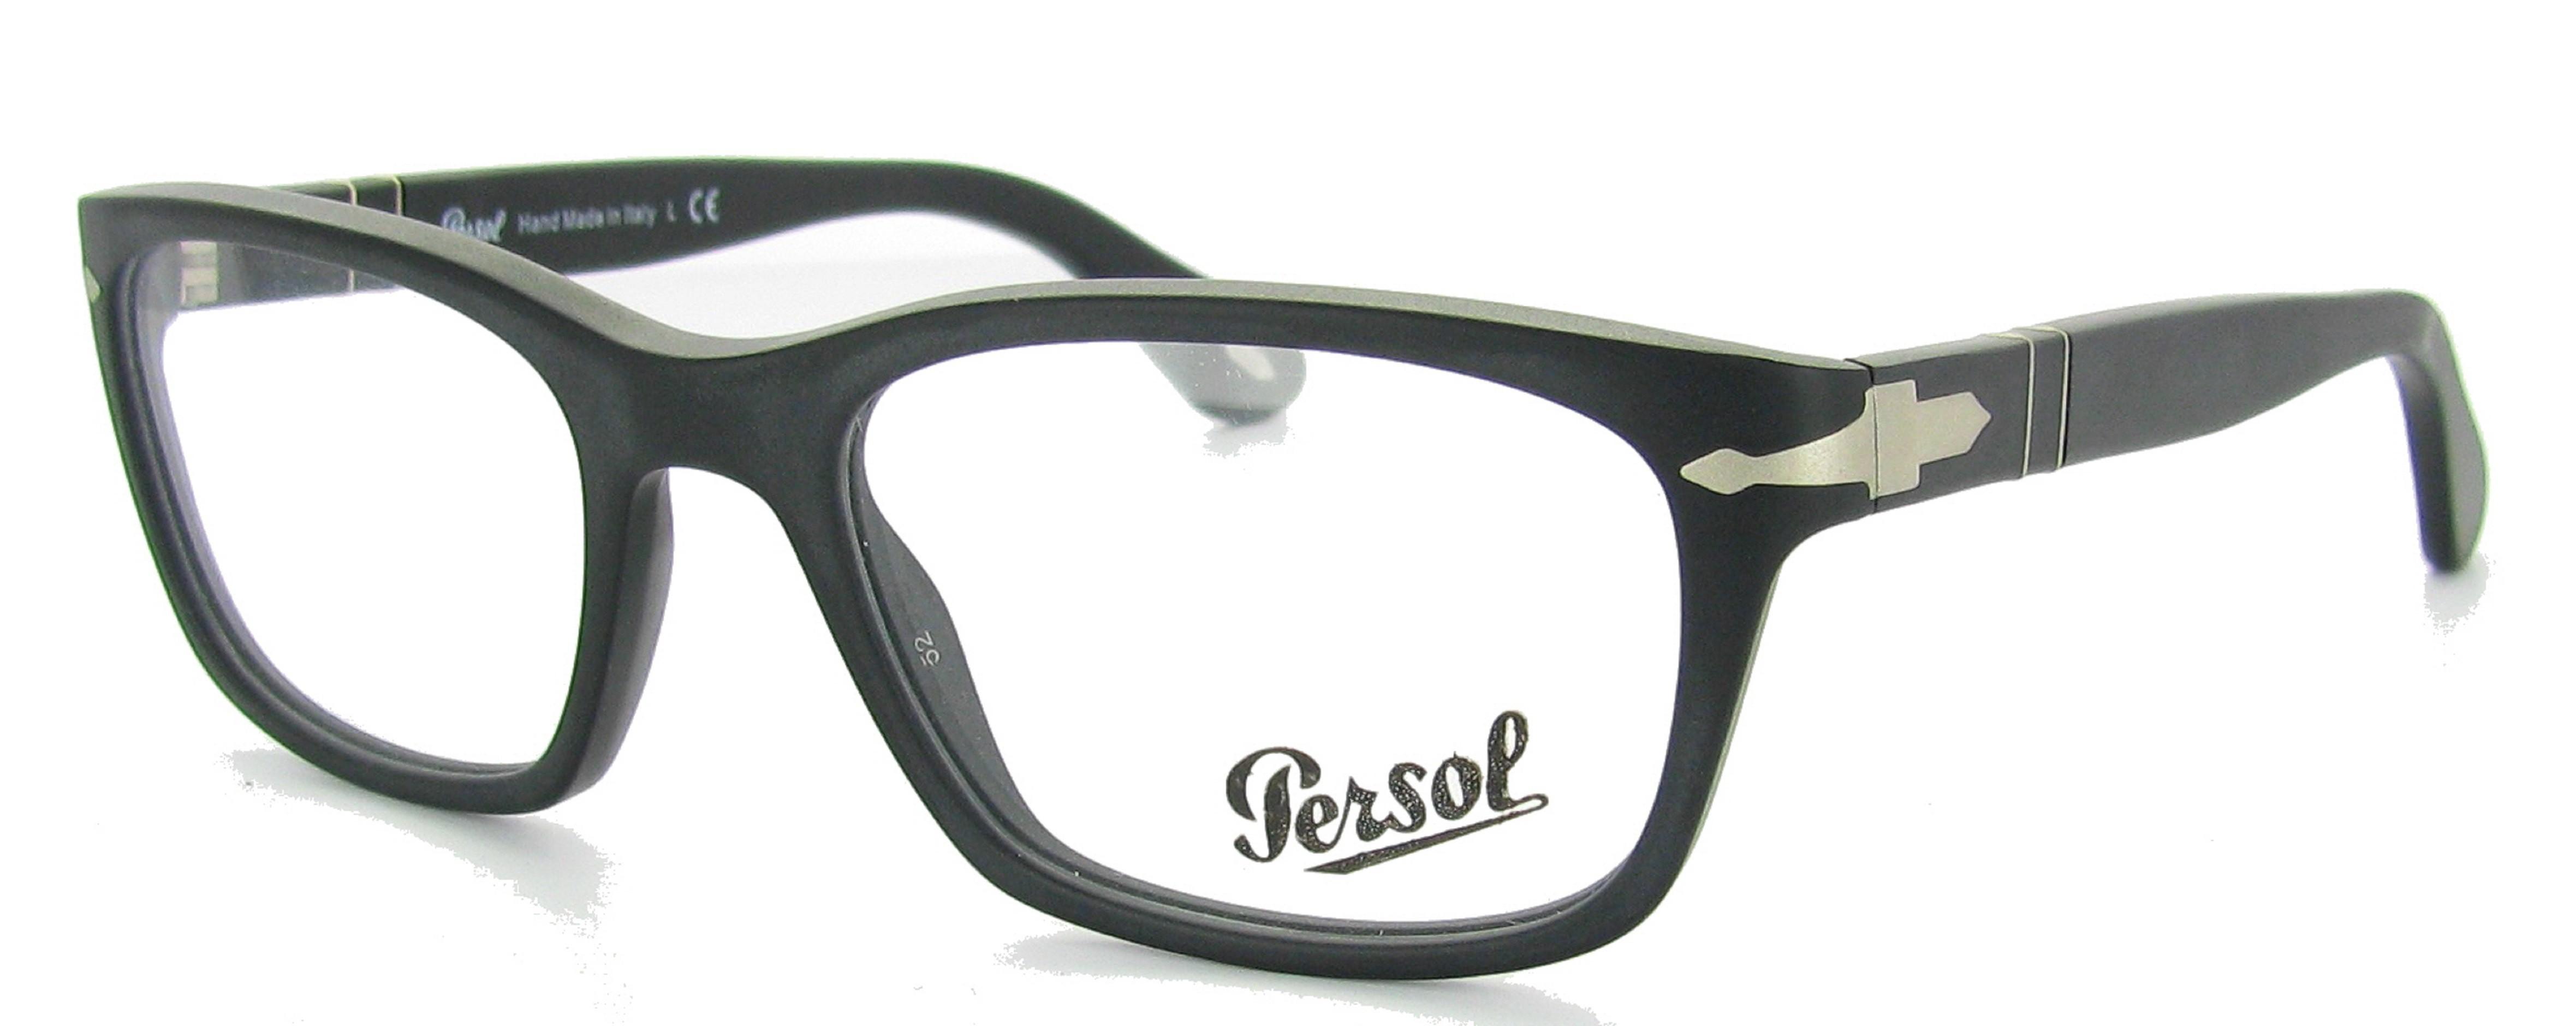 b7c5aa7cbf659f 1001optic, opticien en ligne, lunettes de vue et lunettes de soleil...